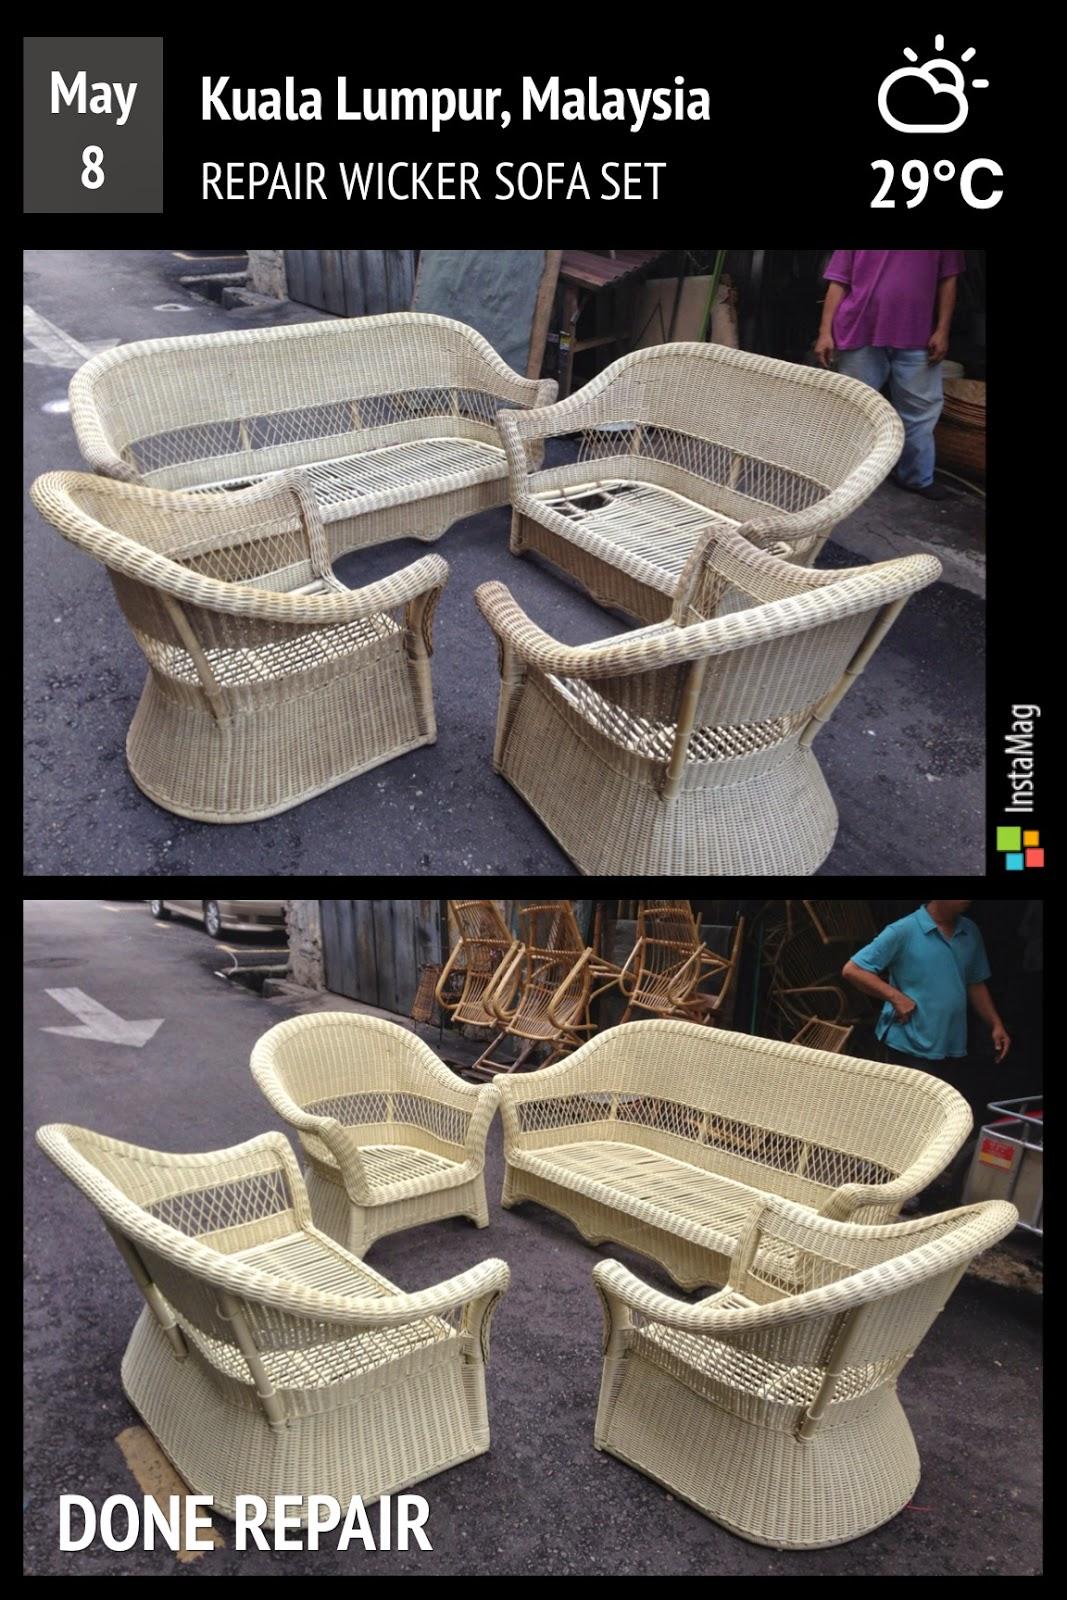 Repair Rattan Furniture  Rattan Sofa  Cane Wicker Chair  Wood chair in  Malaysia. Repair Rattan Furniture  Rattan Sofa  Cane Wicker Chair  Wood